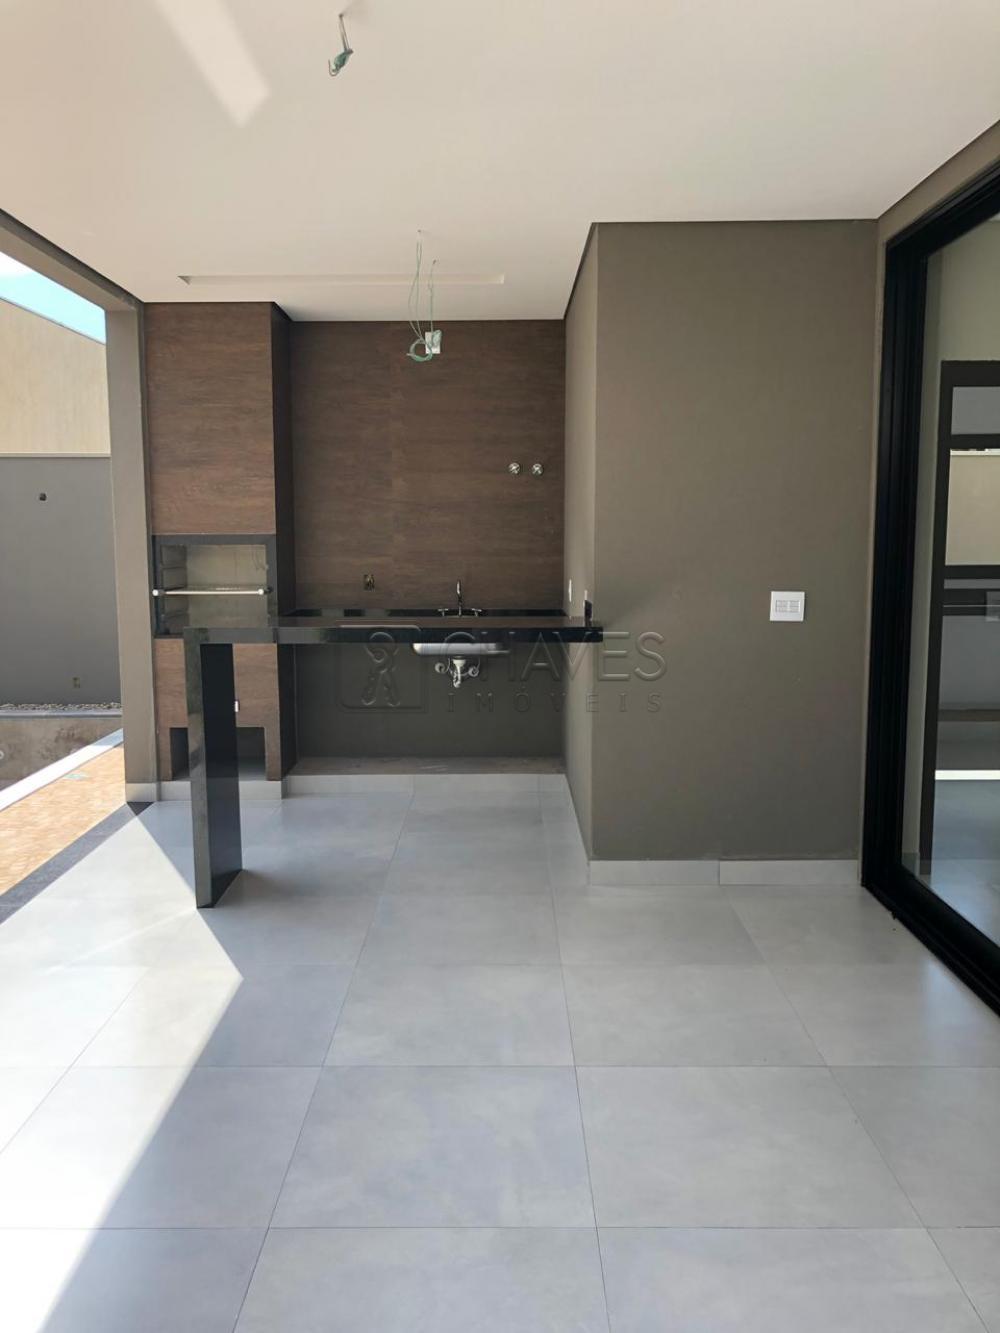 Comprar Casa / Condomínio em Ribeirão Preto apenas R$ 880.000,00 - Foto 4